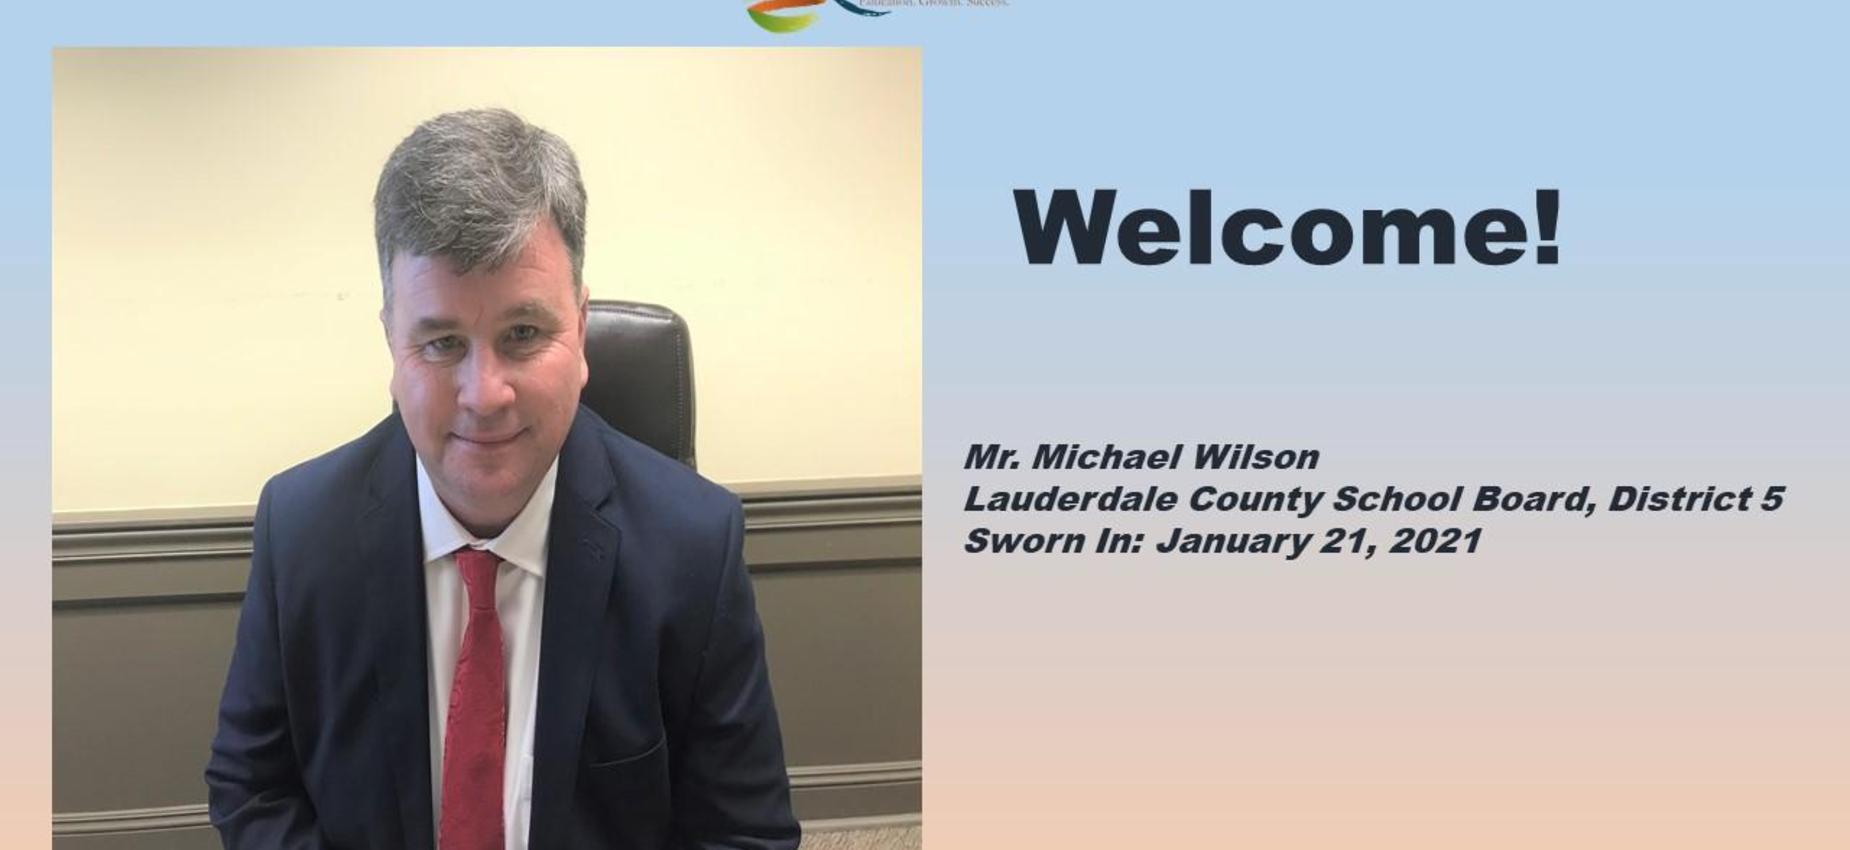 New LCSD School Board Member Michael Wilson